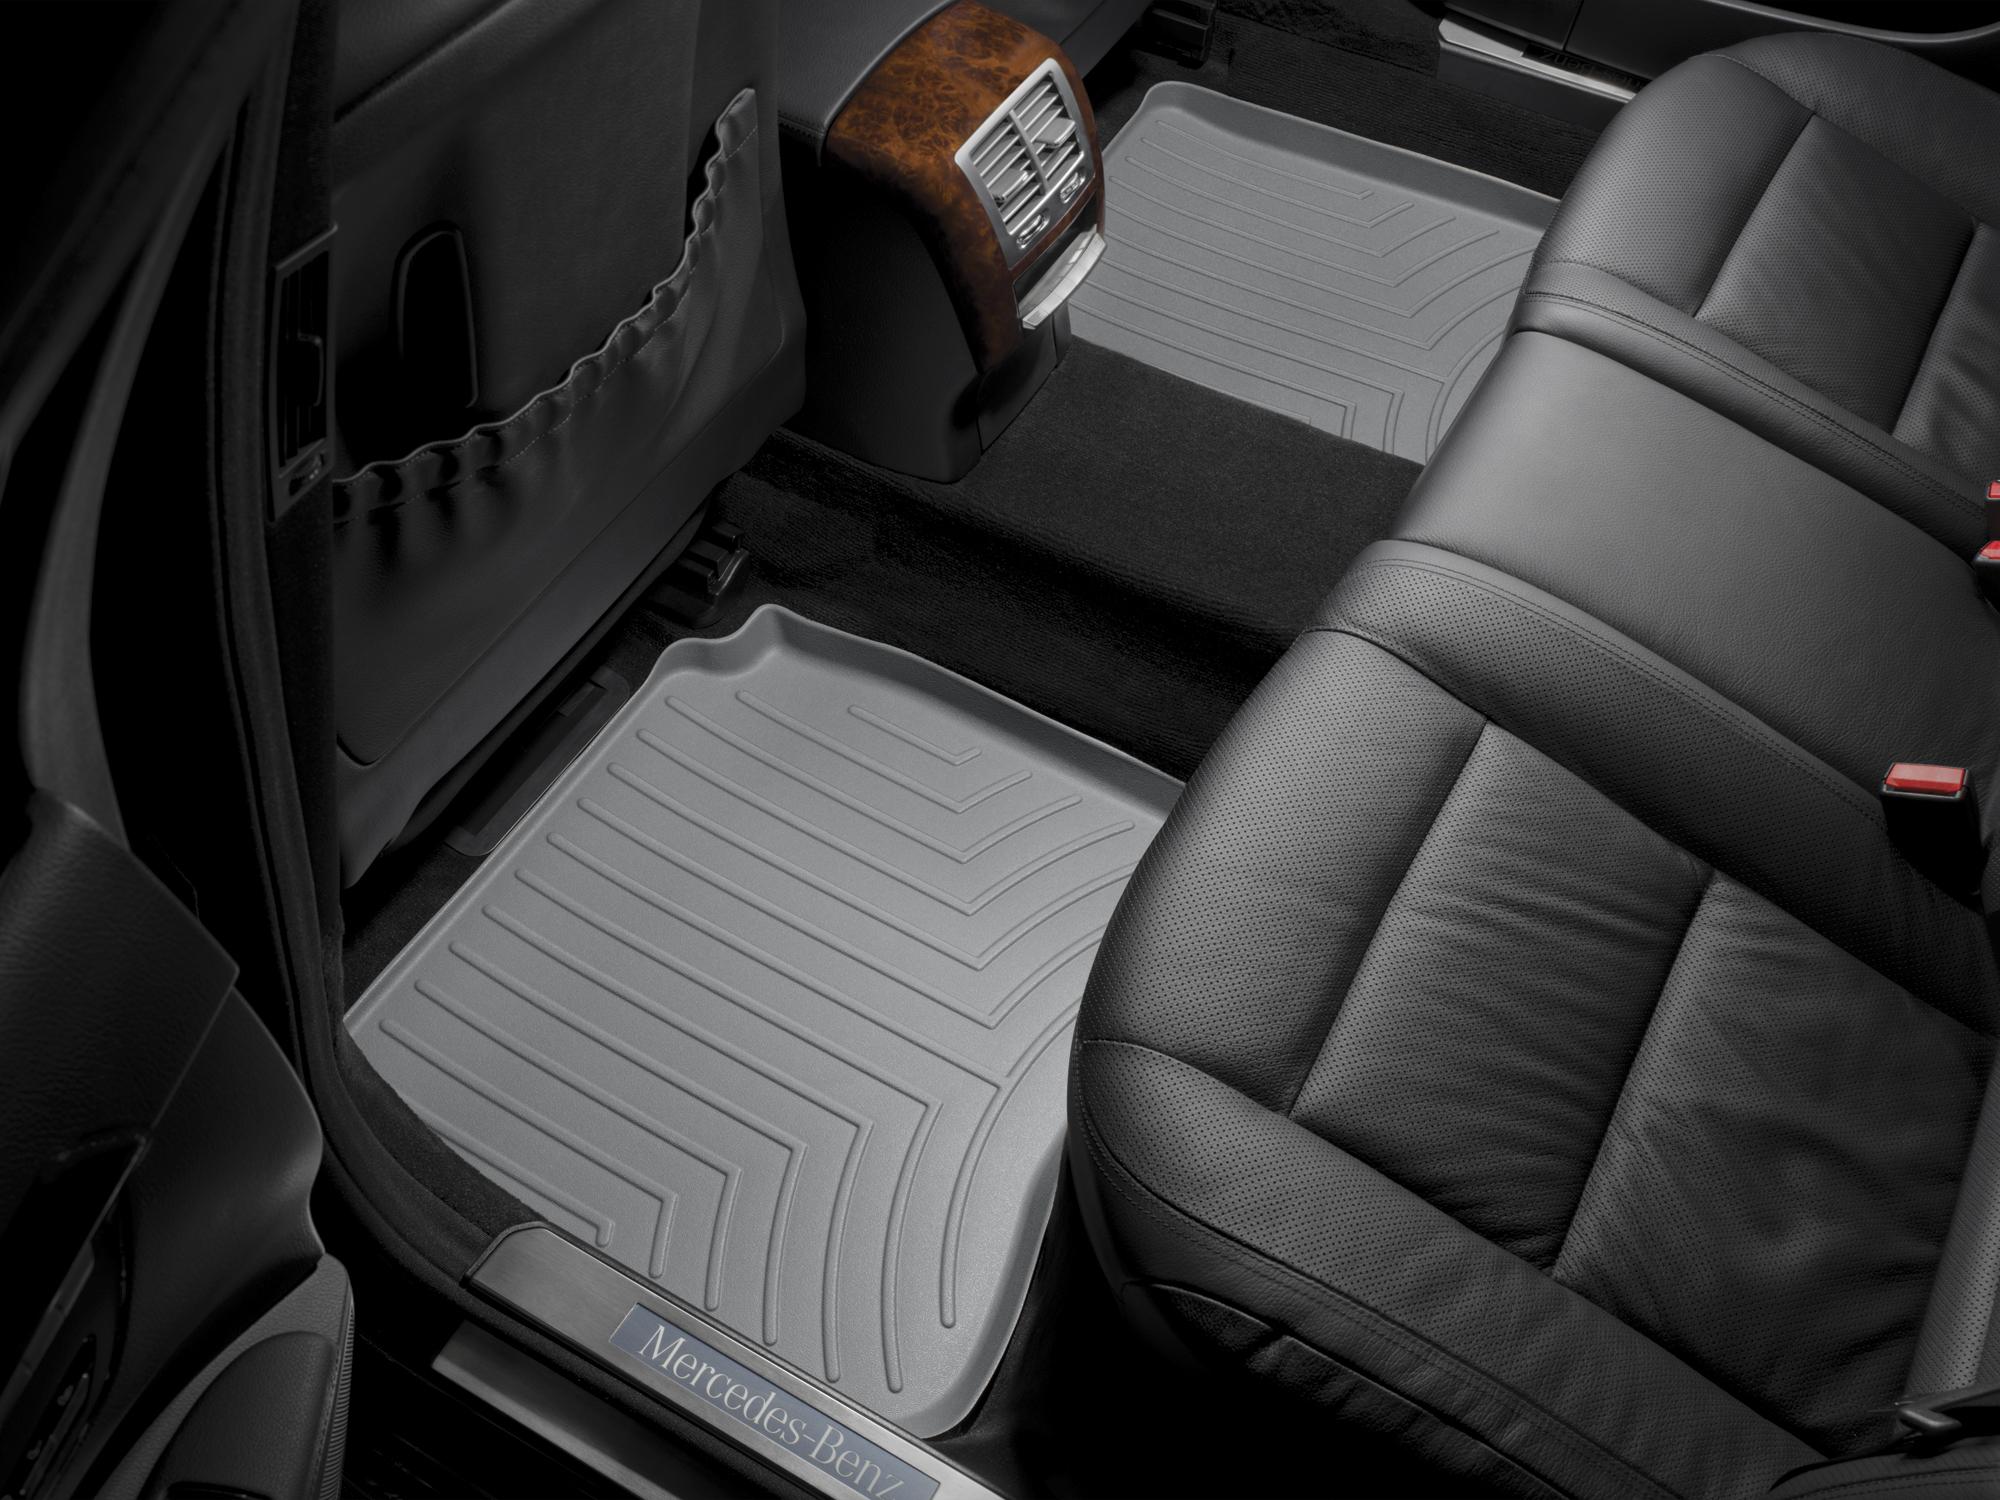 Tappeti gomma su misura bordo alto Mercedes S-Class 06>12 Grigio A2554